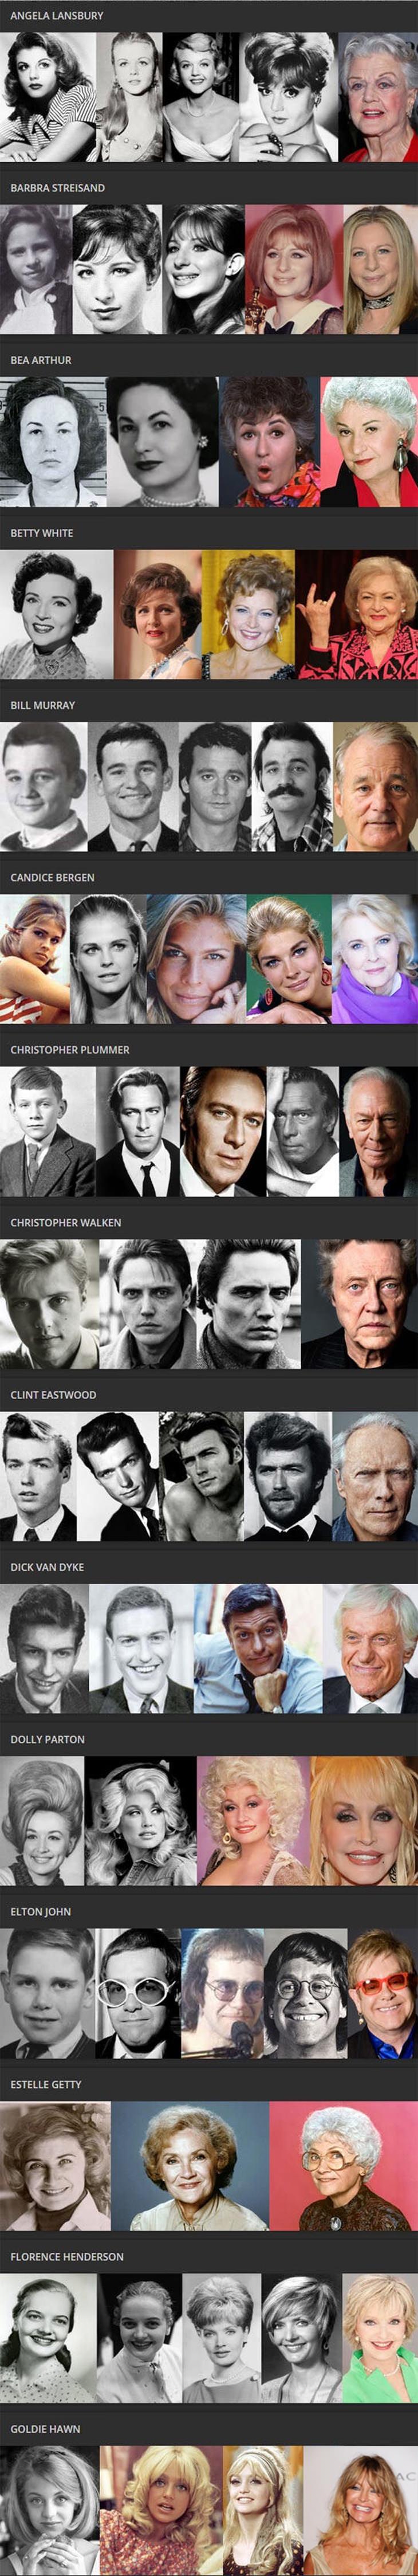 paso del tiempo para personajes famosos